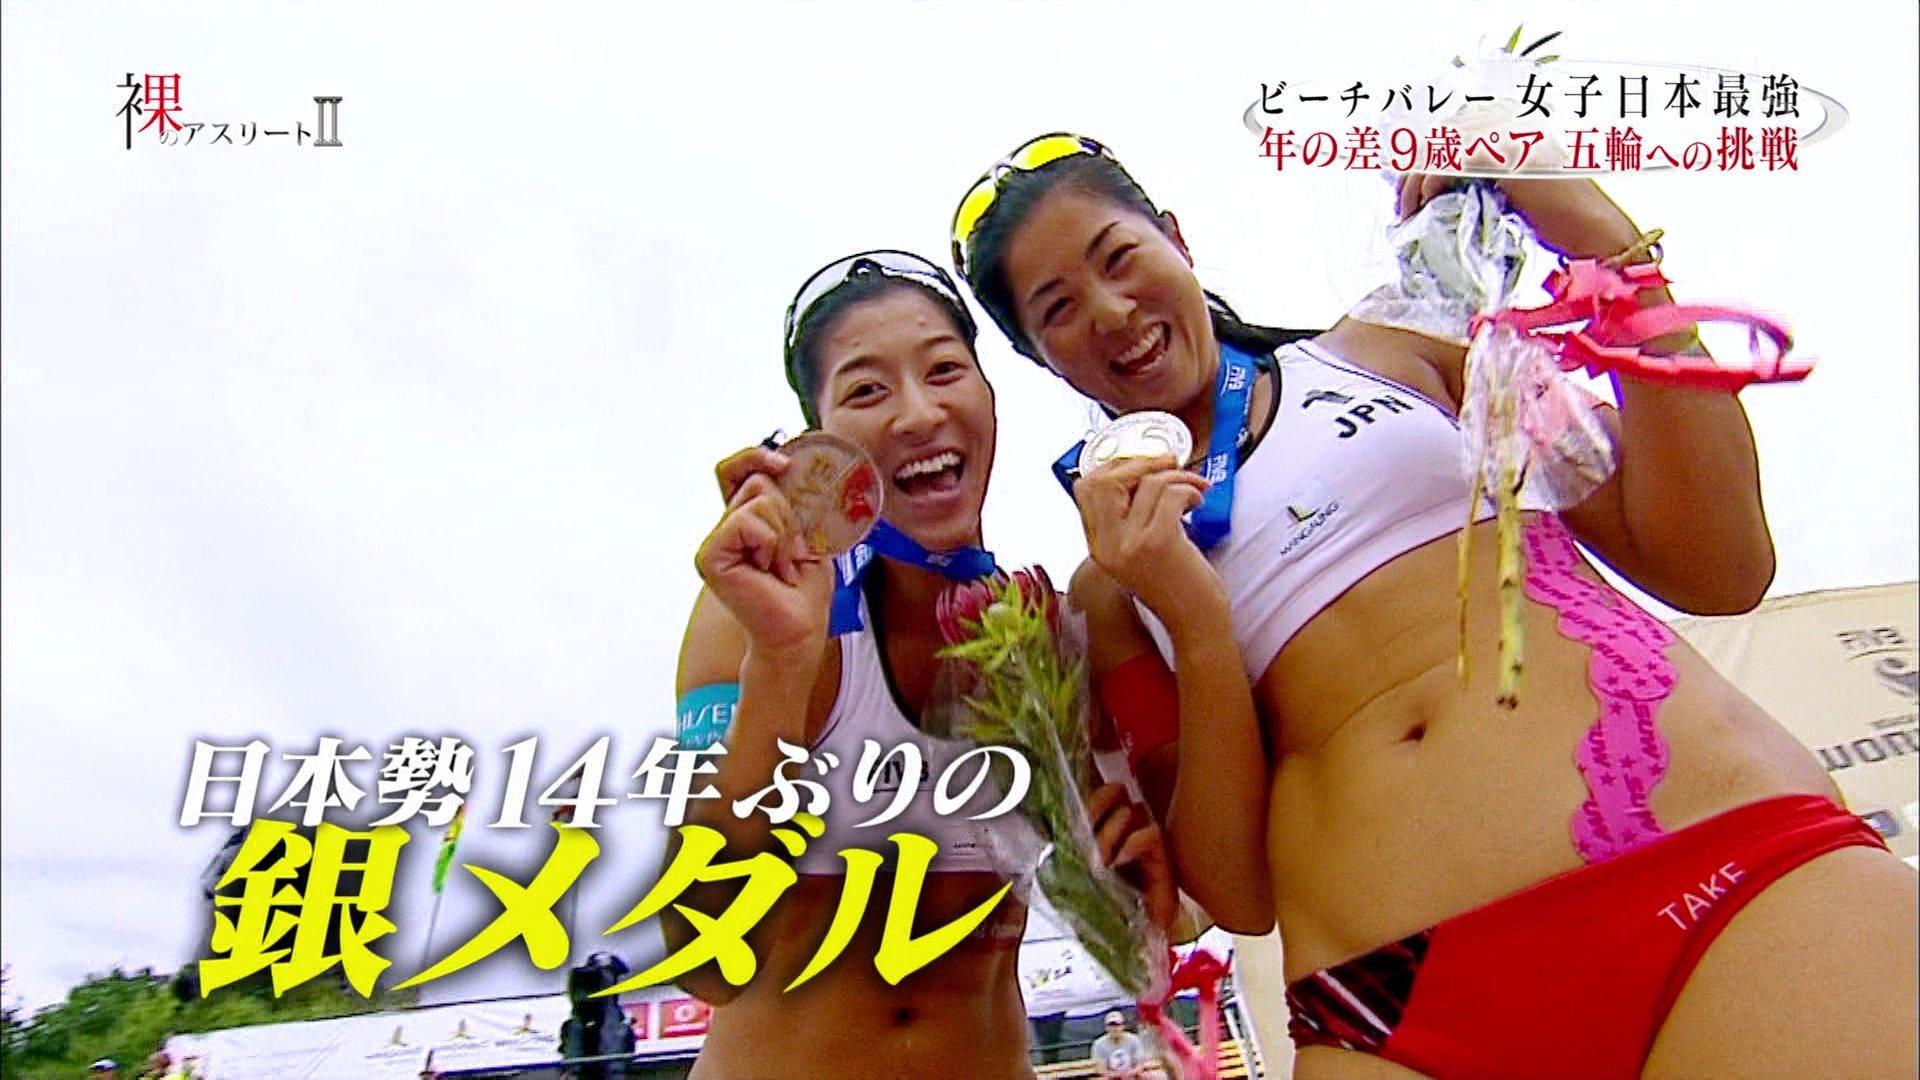 西堀健実 溝江明香 ビーチバレー 0013